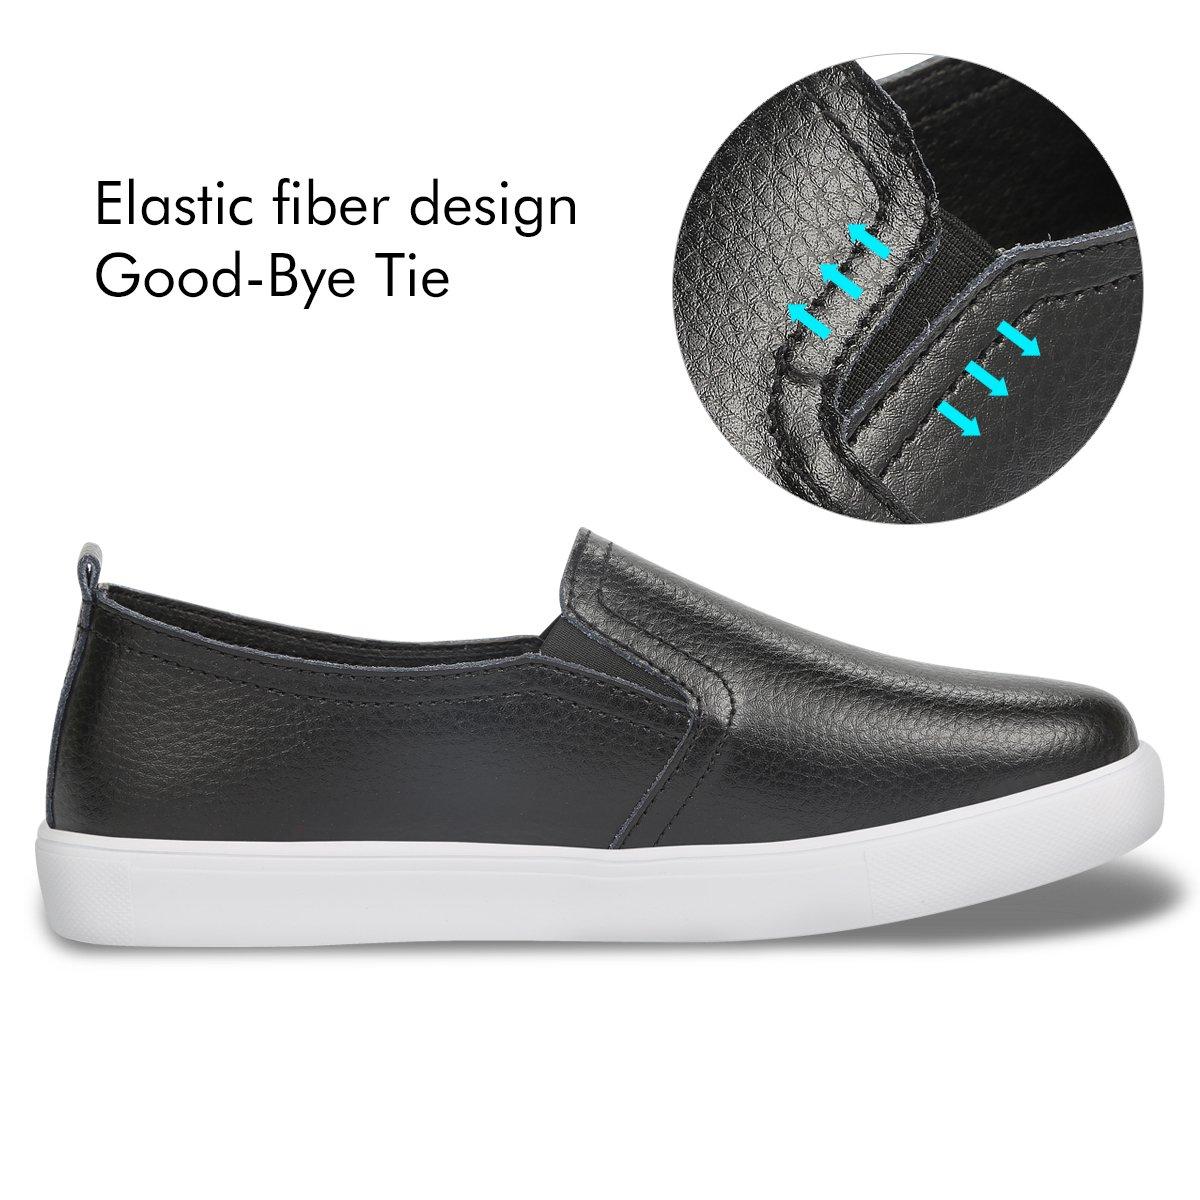 Detalles de Hombre Vox Footwear Inc Skater Estilo Casual con Cordones Zapatillas de Piel